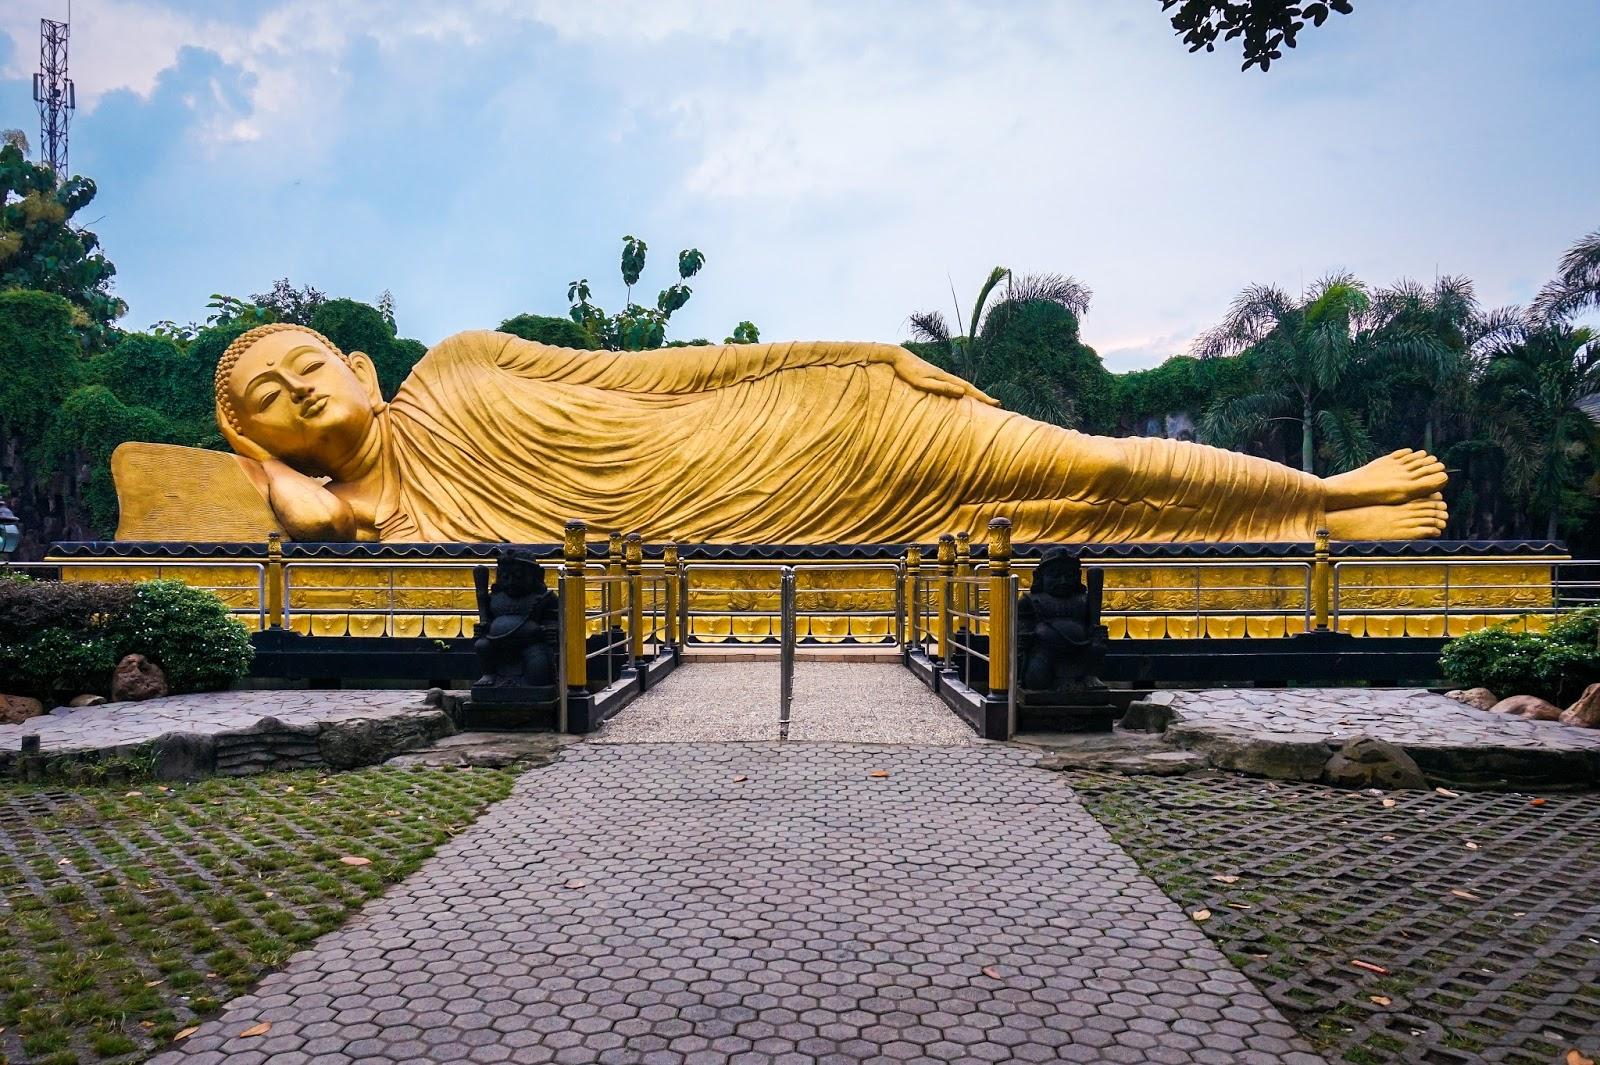 Patung Buddha Tidur Terbesar Ketiga Dunia Indonesia Ontripers Maha Vihara